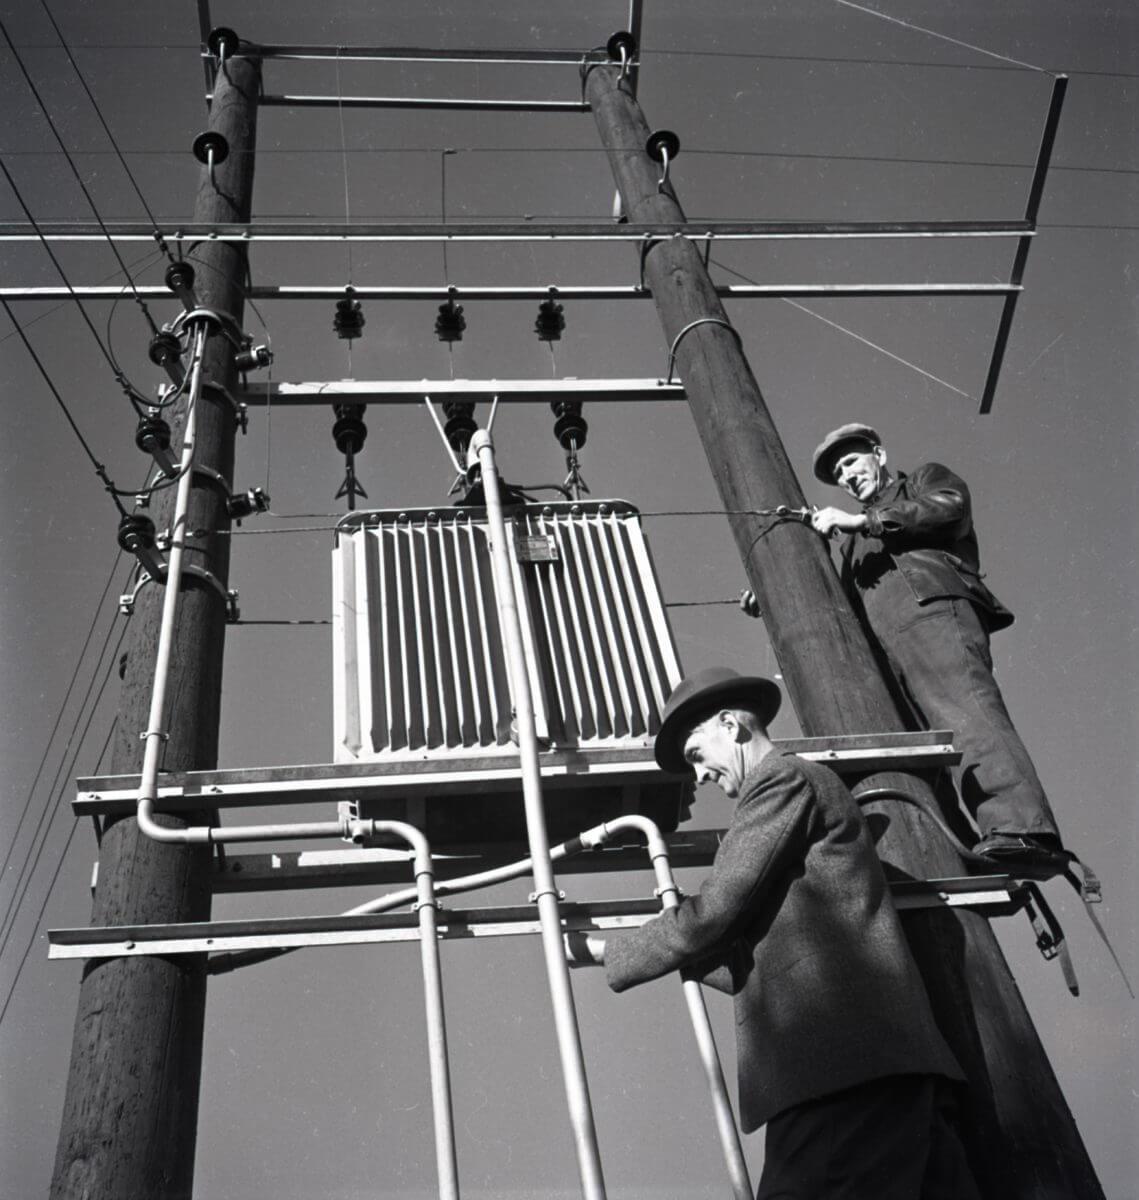 Två montörer arbetar på en elstolpe.